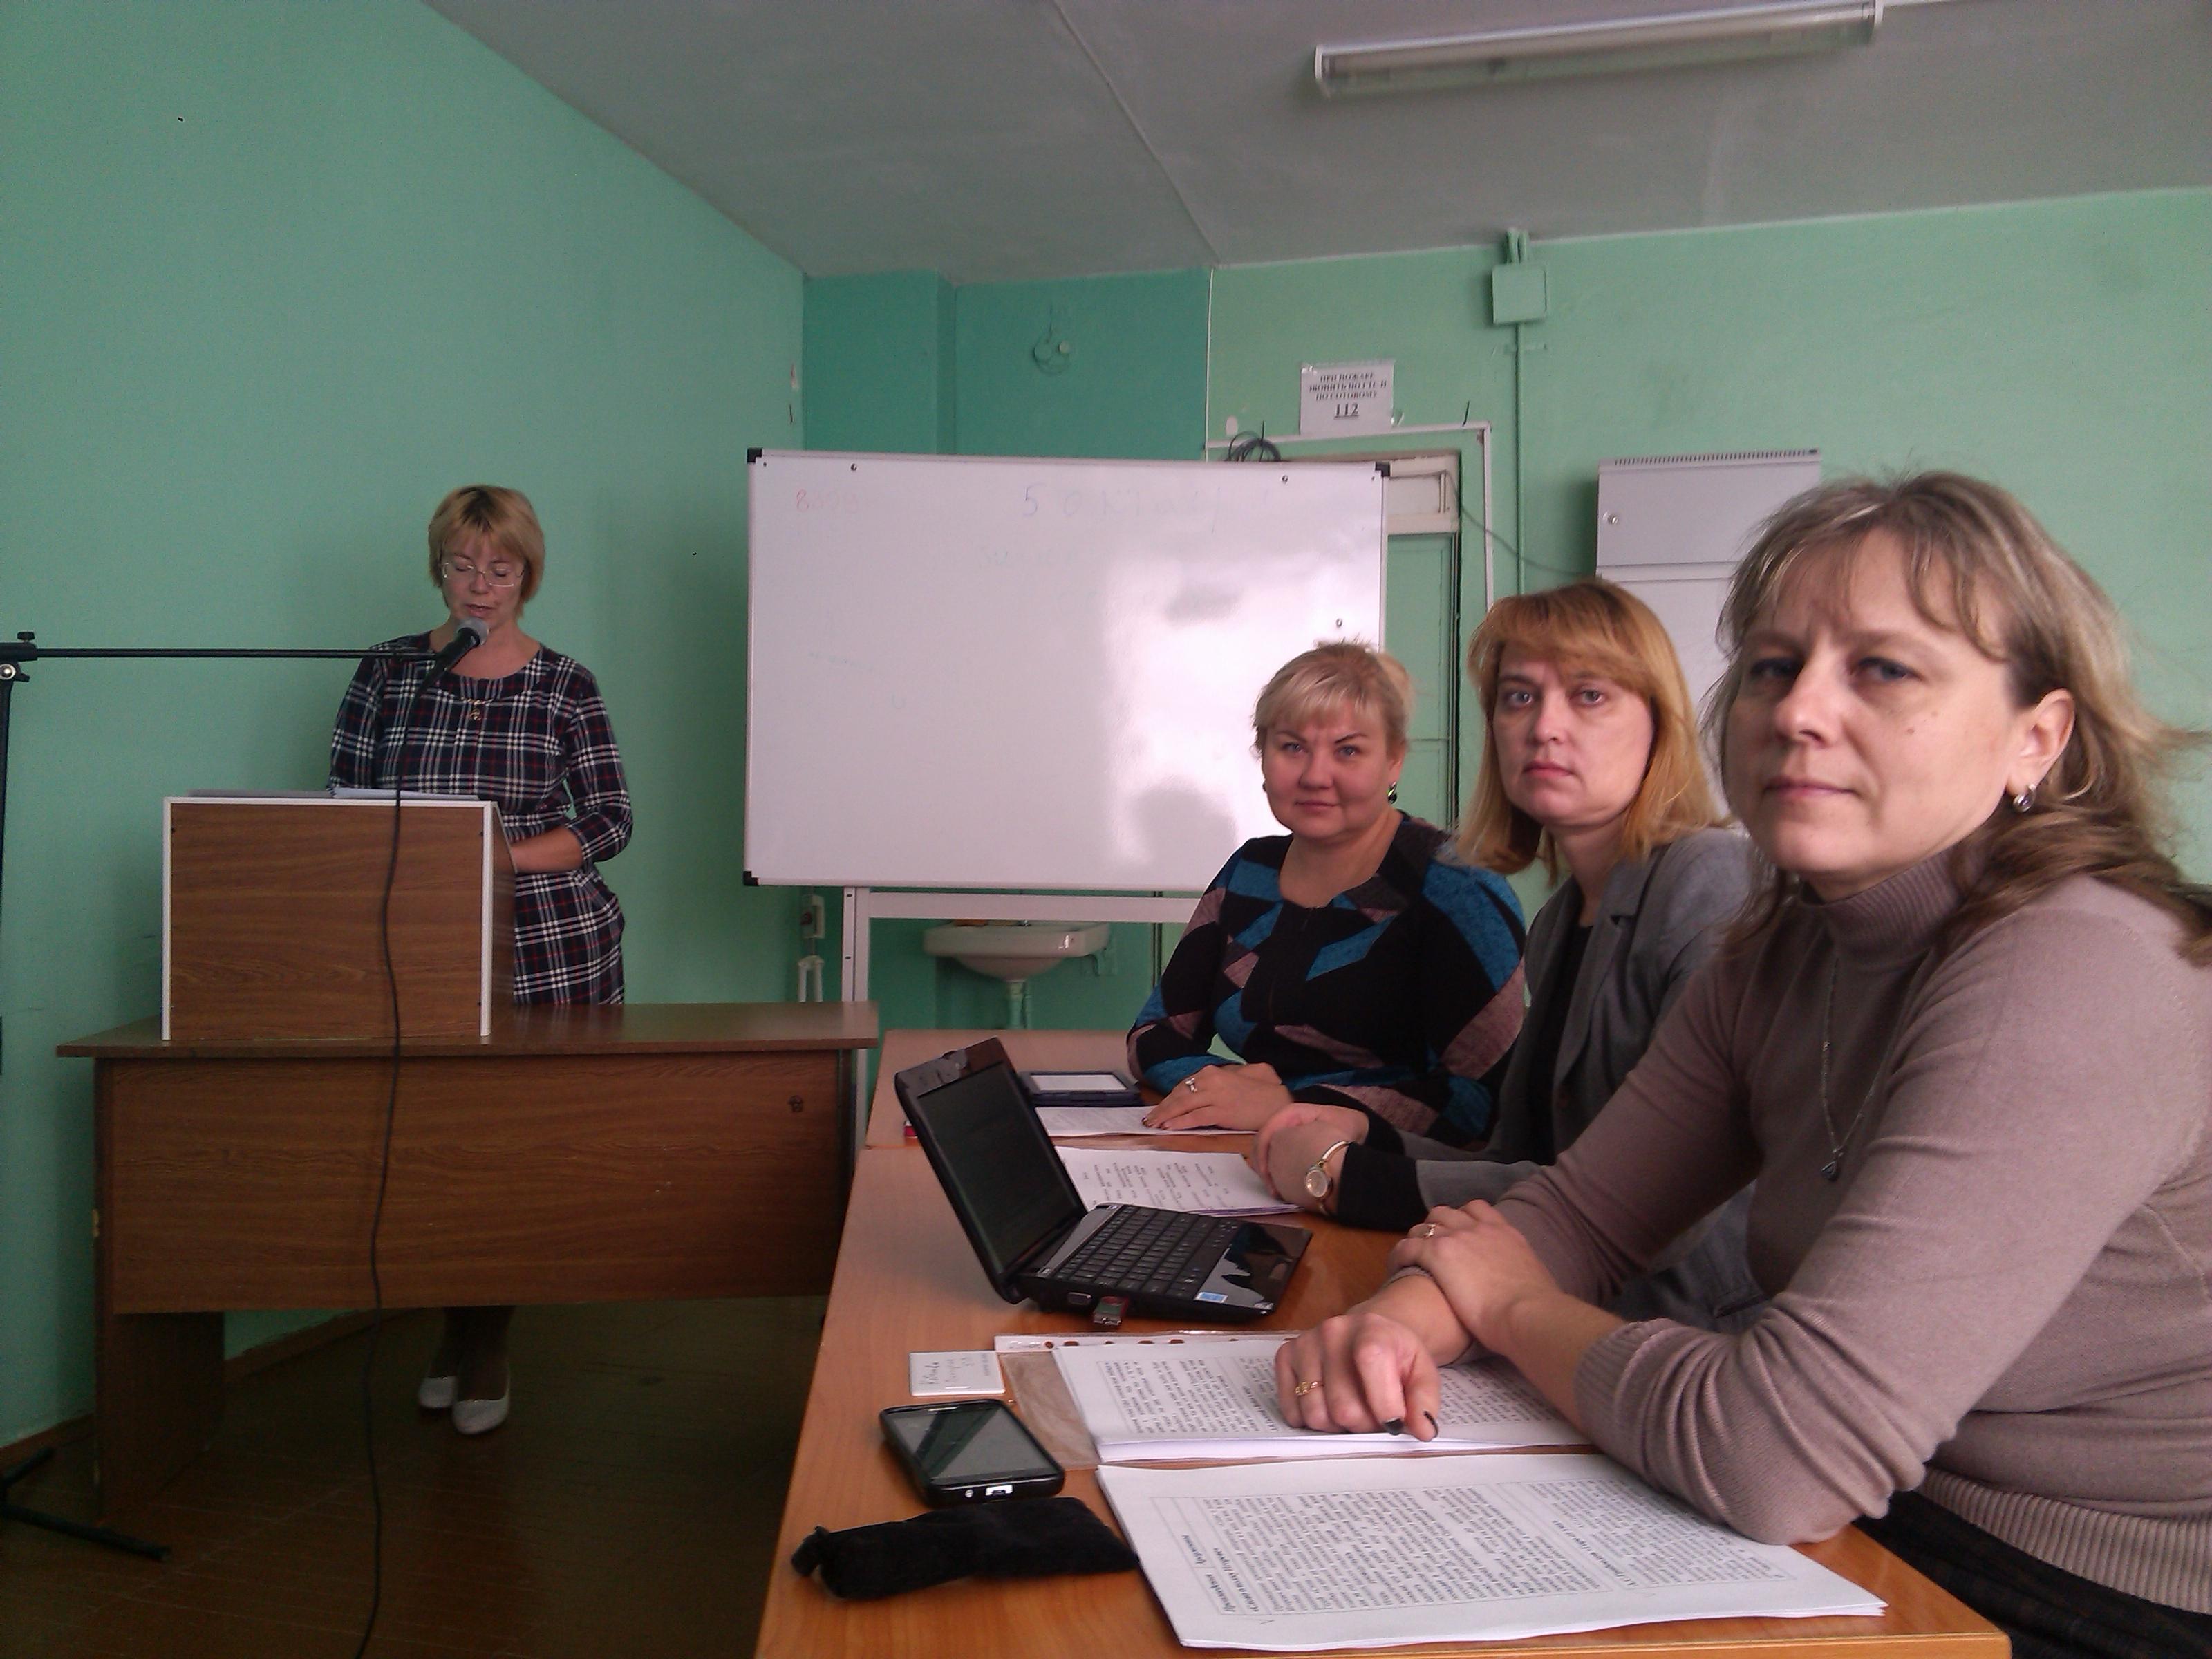 схема анализа стихотворения по башкирской литературе